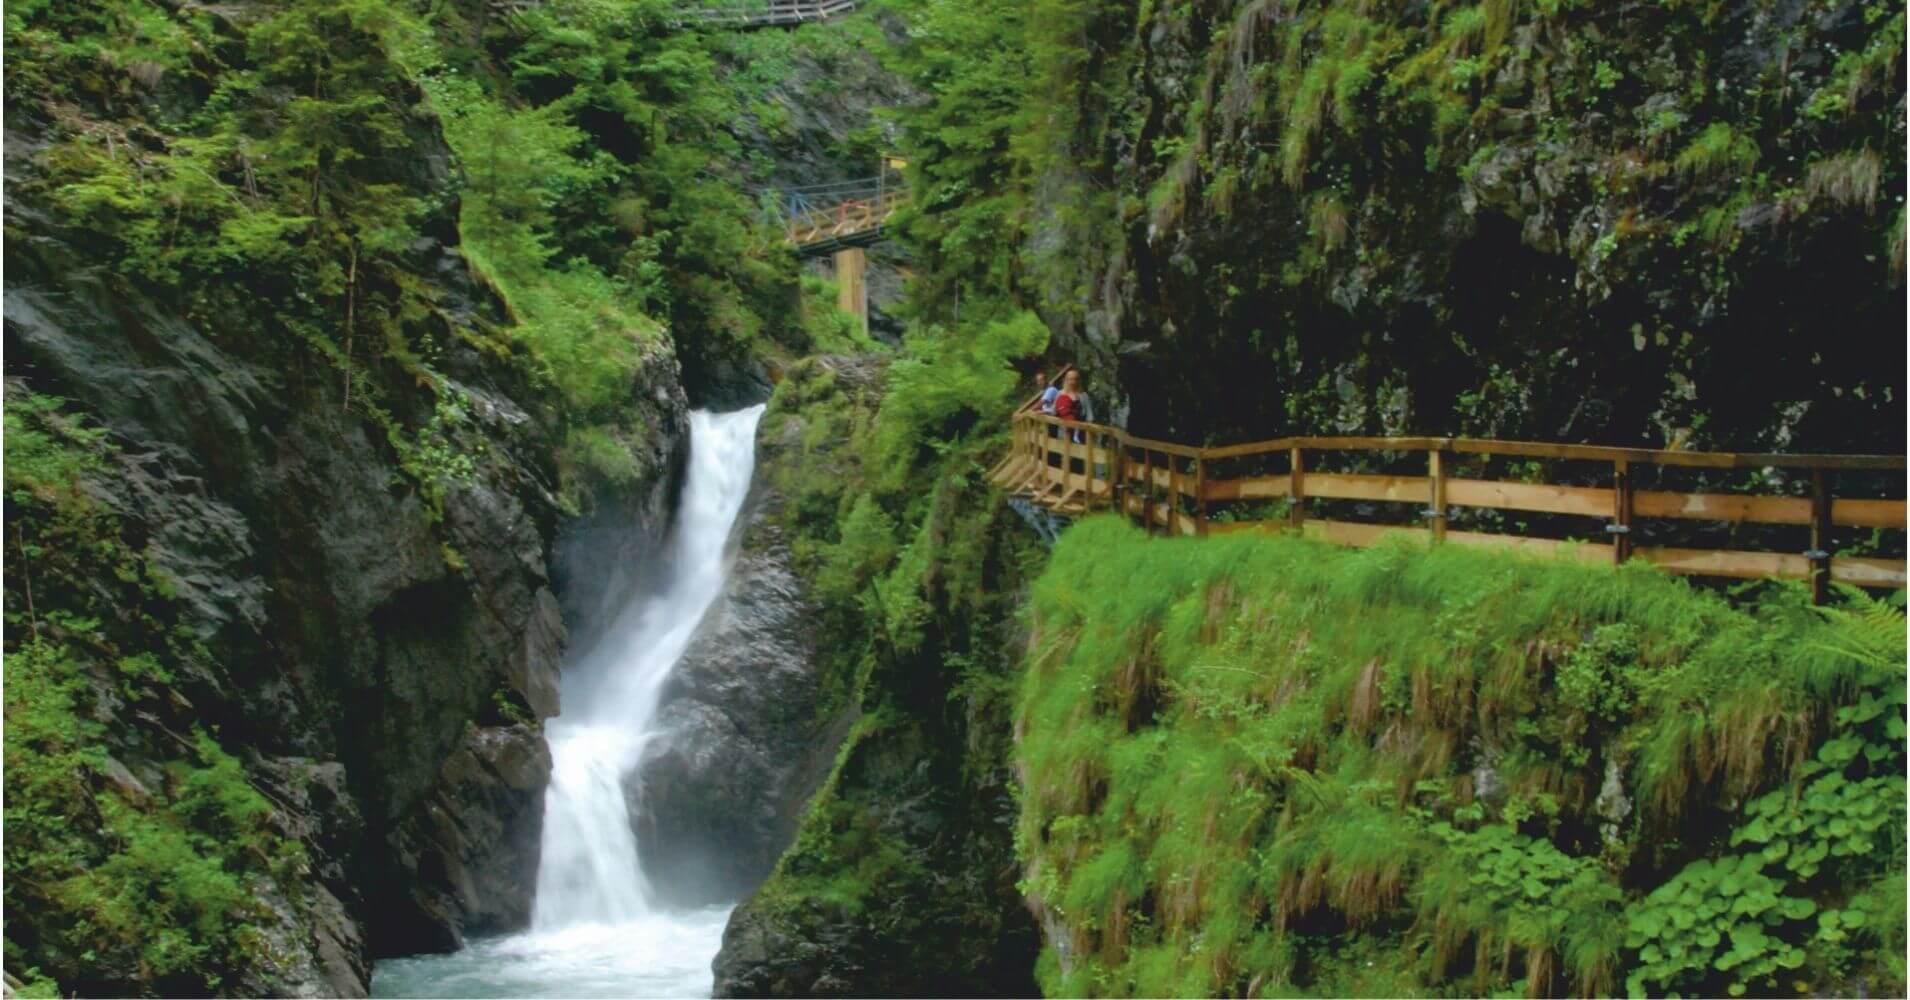 Cascada Gorges de la Diosaz. Alta Saboya, Auvernia-Ródano-Alpes. Francia.